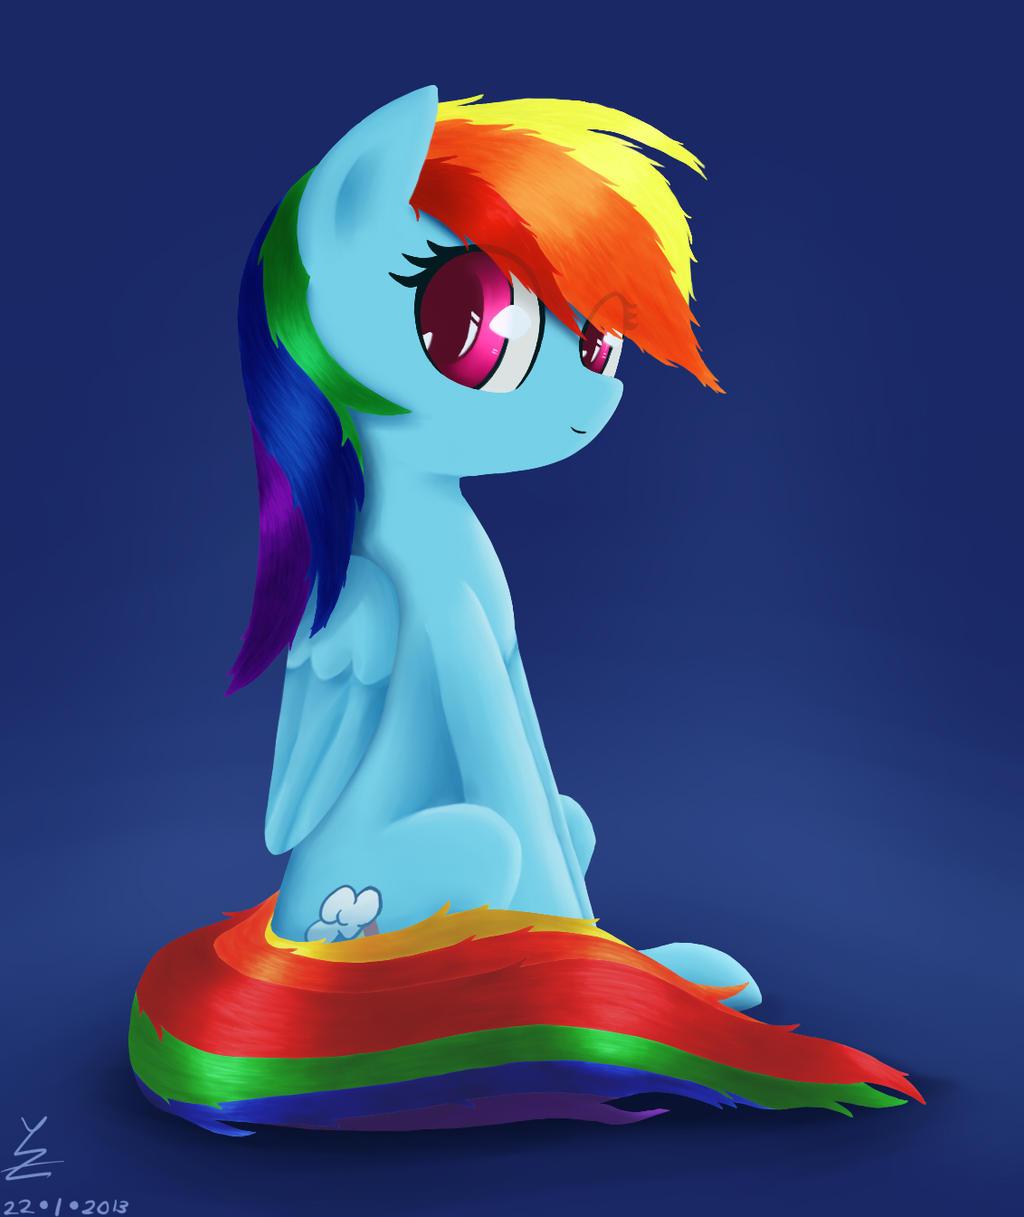 Rainbow Dash by WyeZee